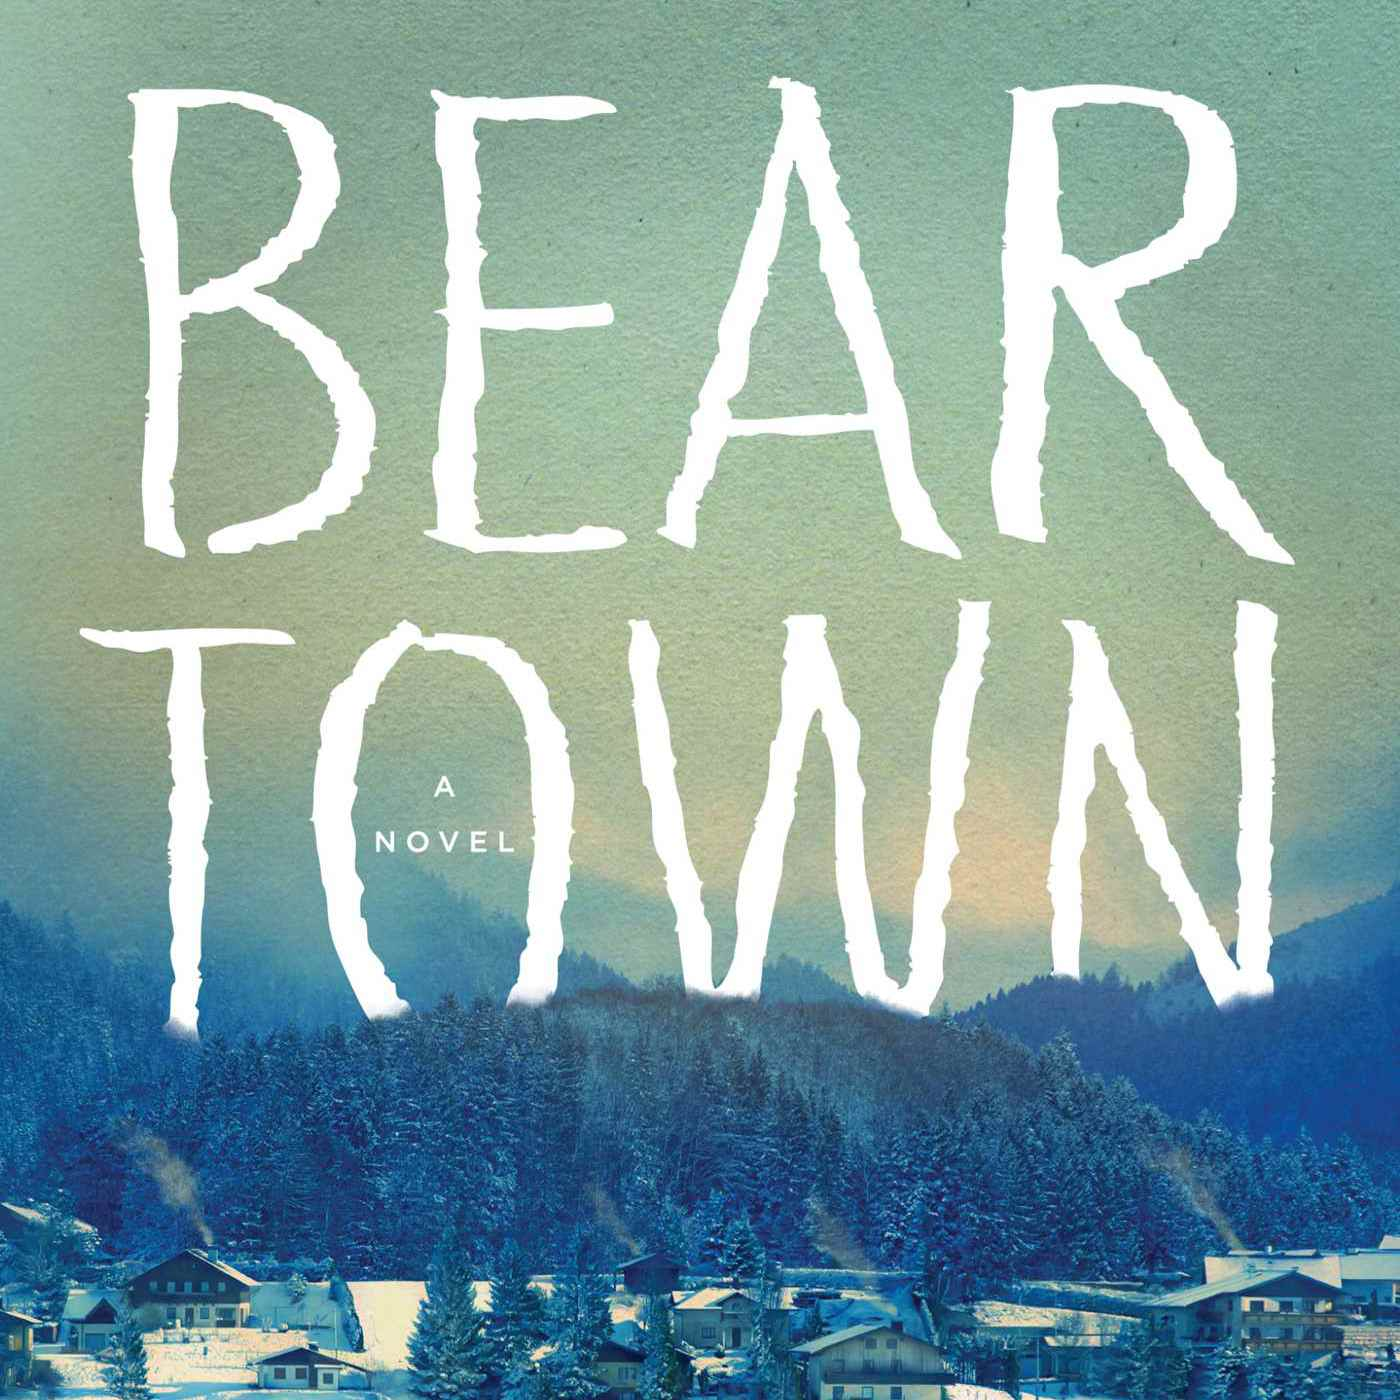 Beartown, by Fredrik Backman